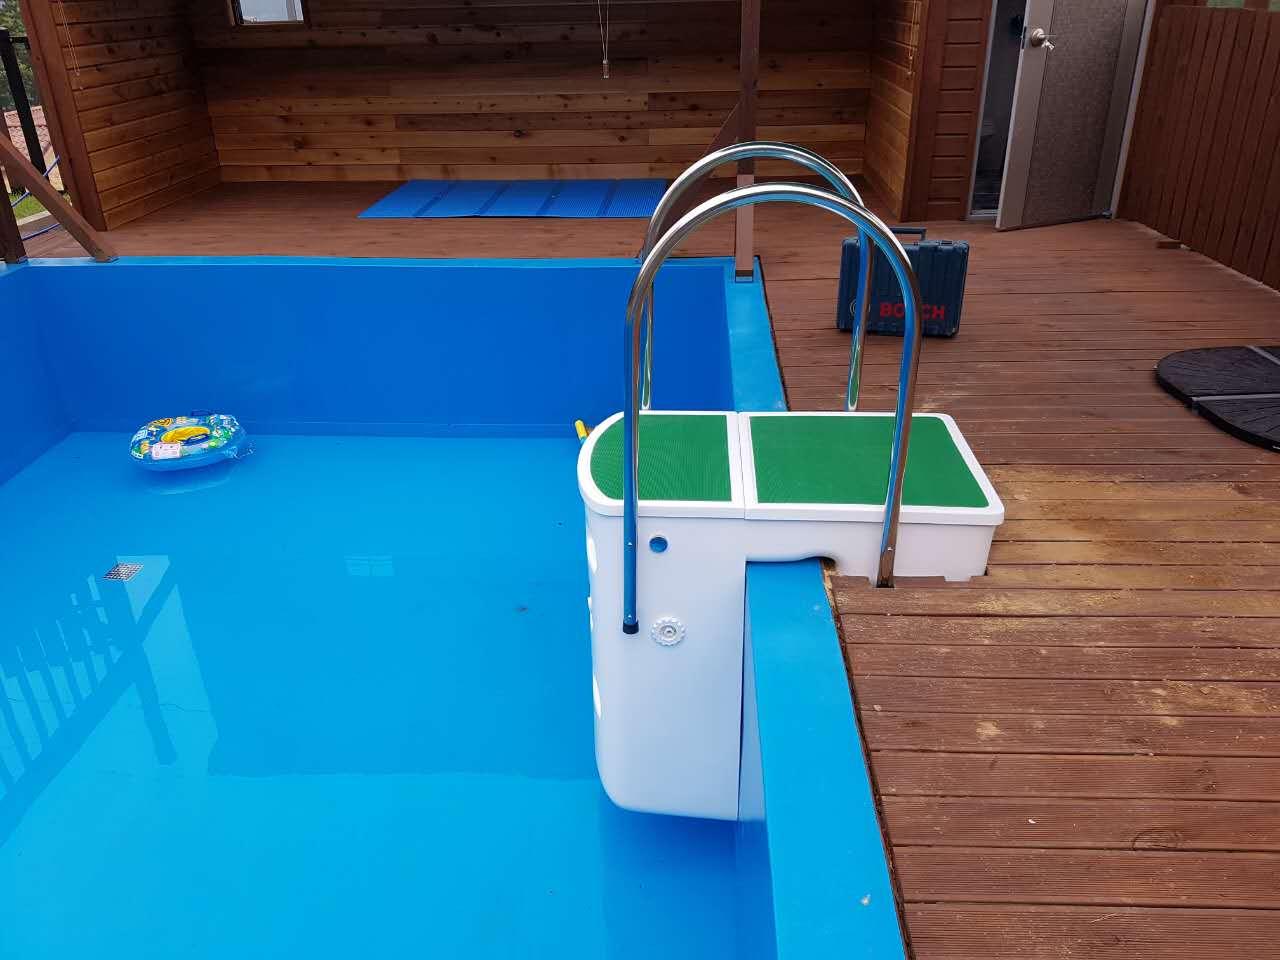 Горячая Распродажа настенный интеллигентая (ый) дезинфекции и фильтрации Pipeless комплексный фильтр для бассейна